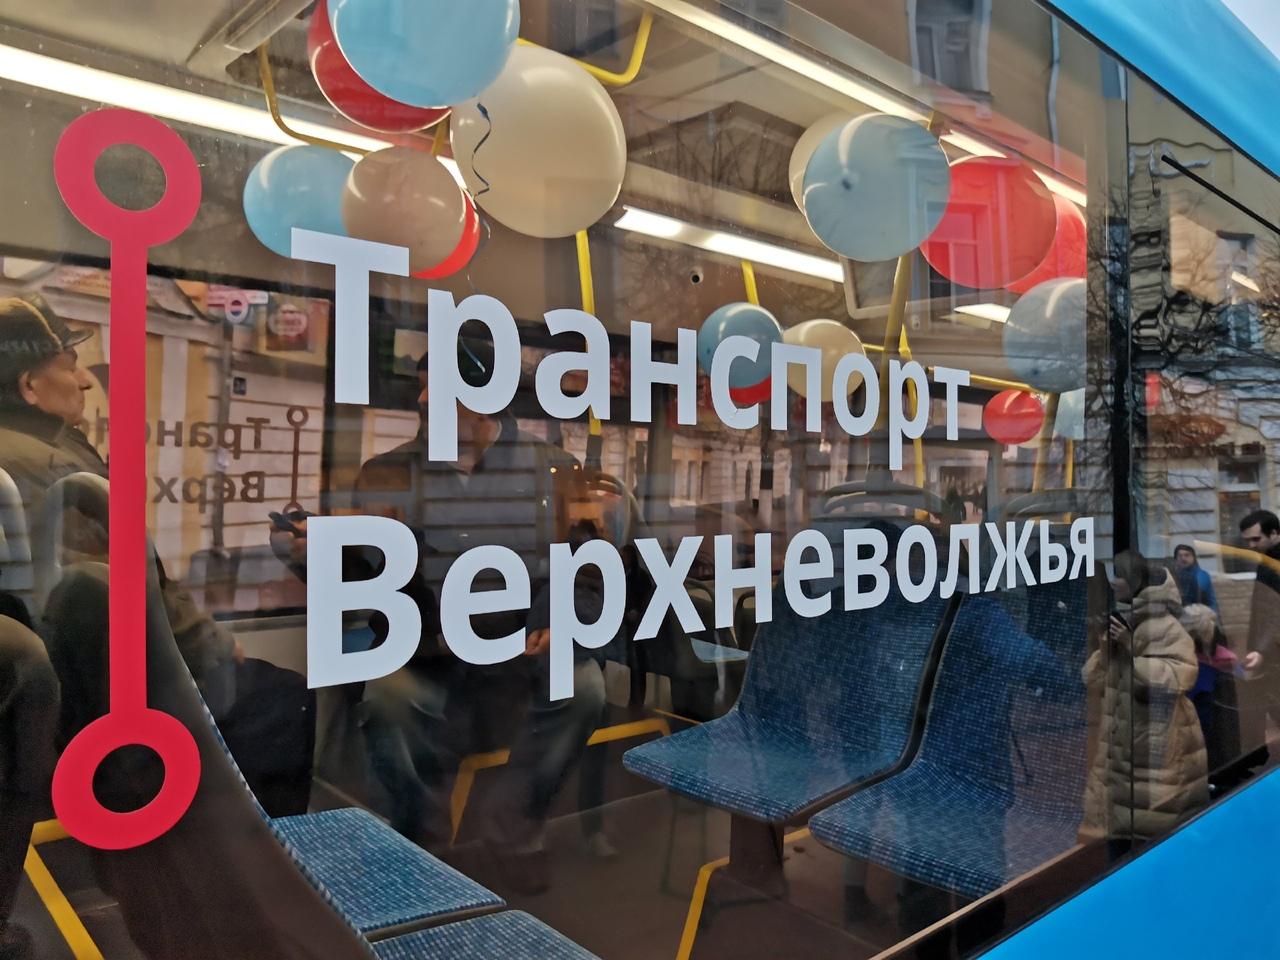 По просьбам горожан в Твери и Калининском районе появилось несколько новых маршрутов